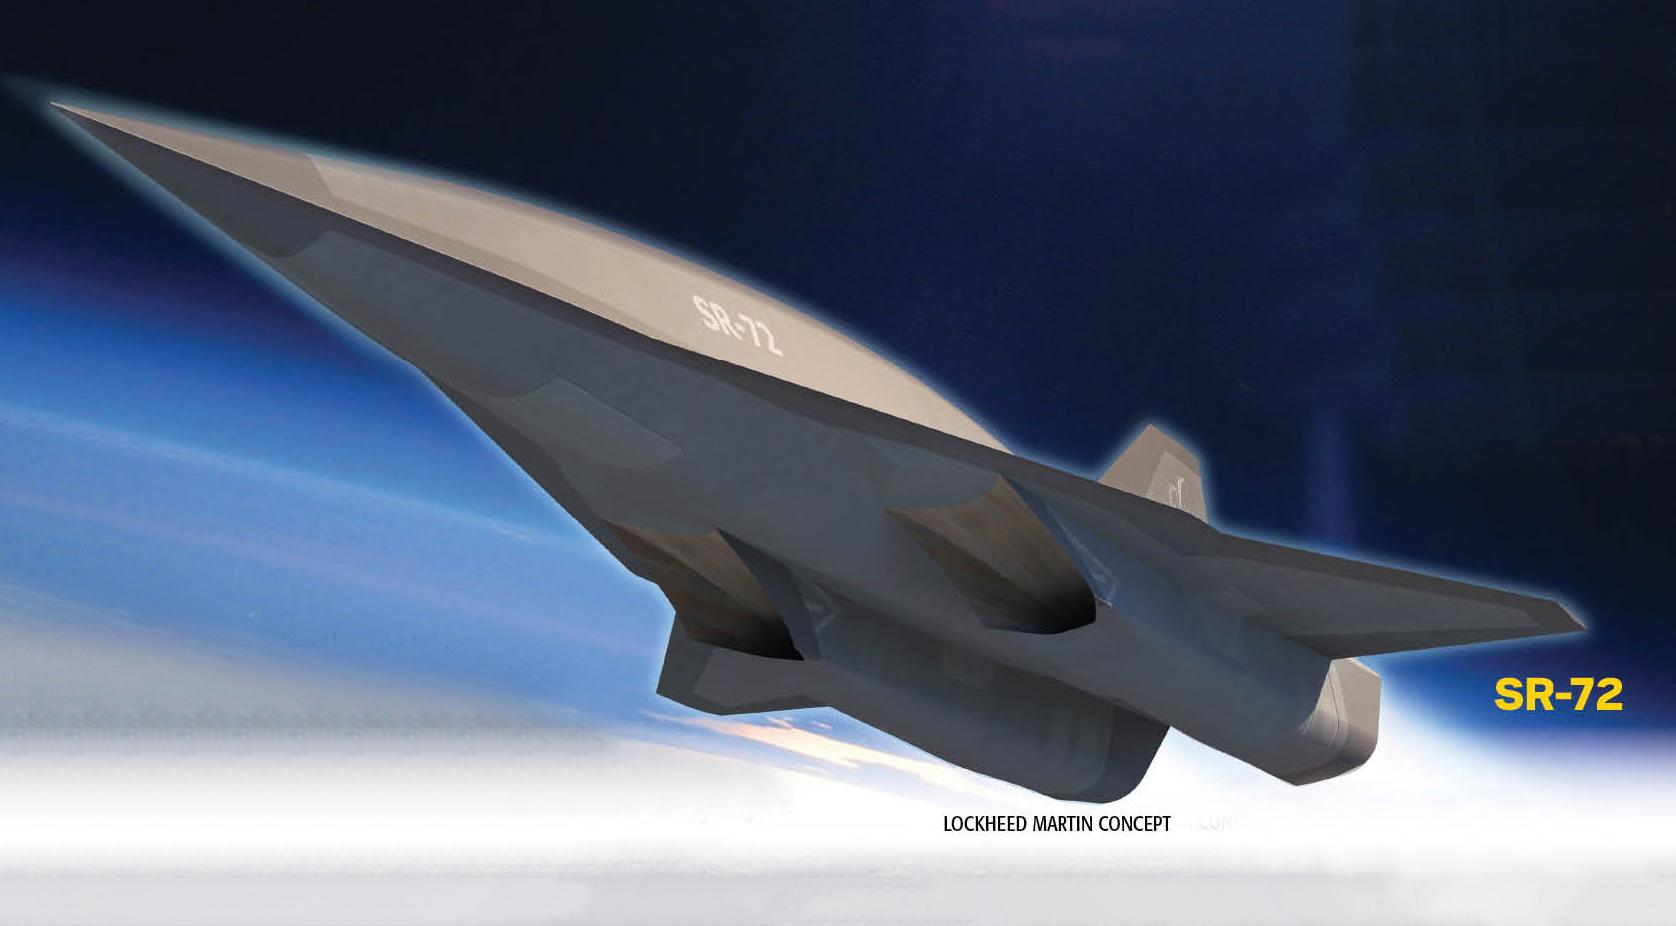 关键是高超声速飞机以5马赫以上的速度实施突防,将导致现有防御系统没